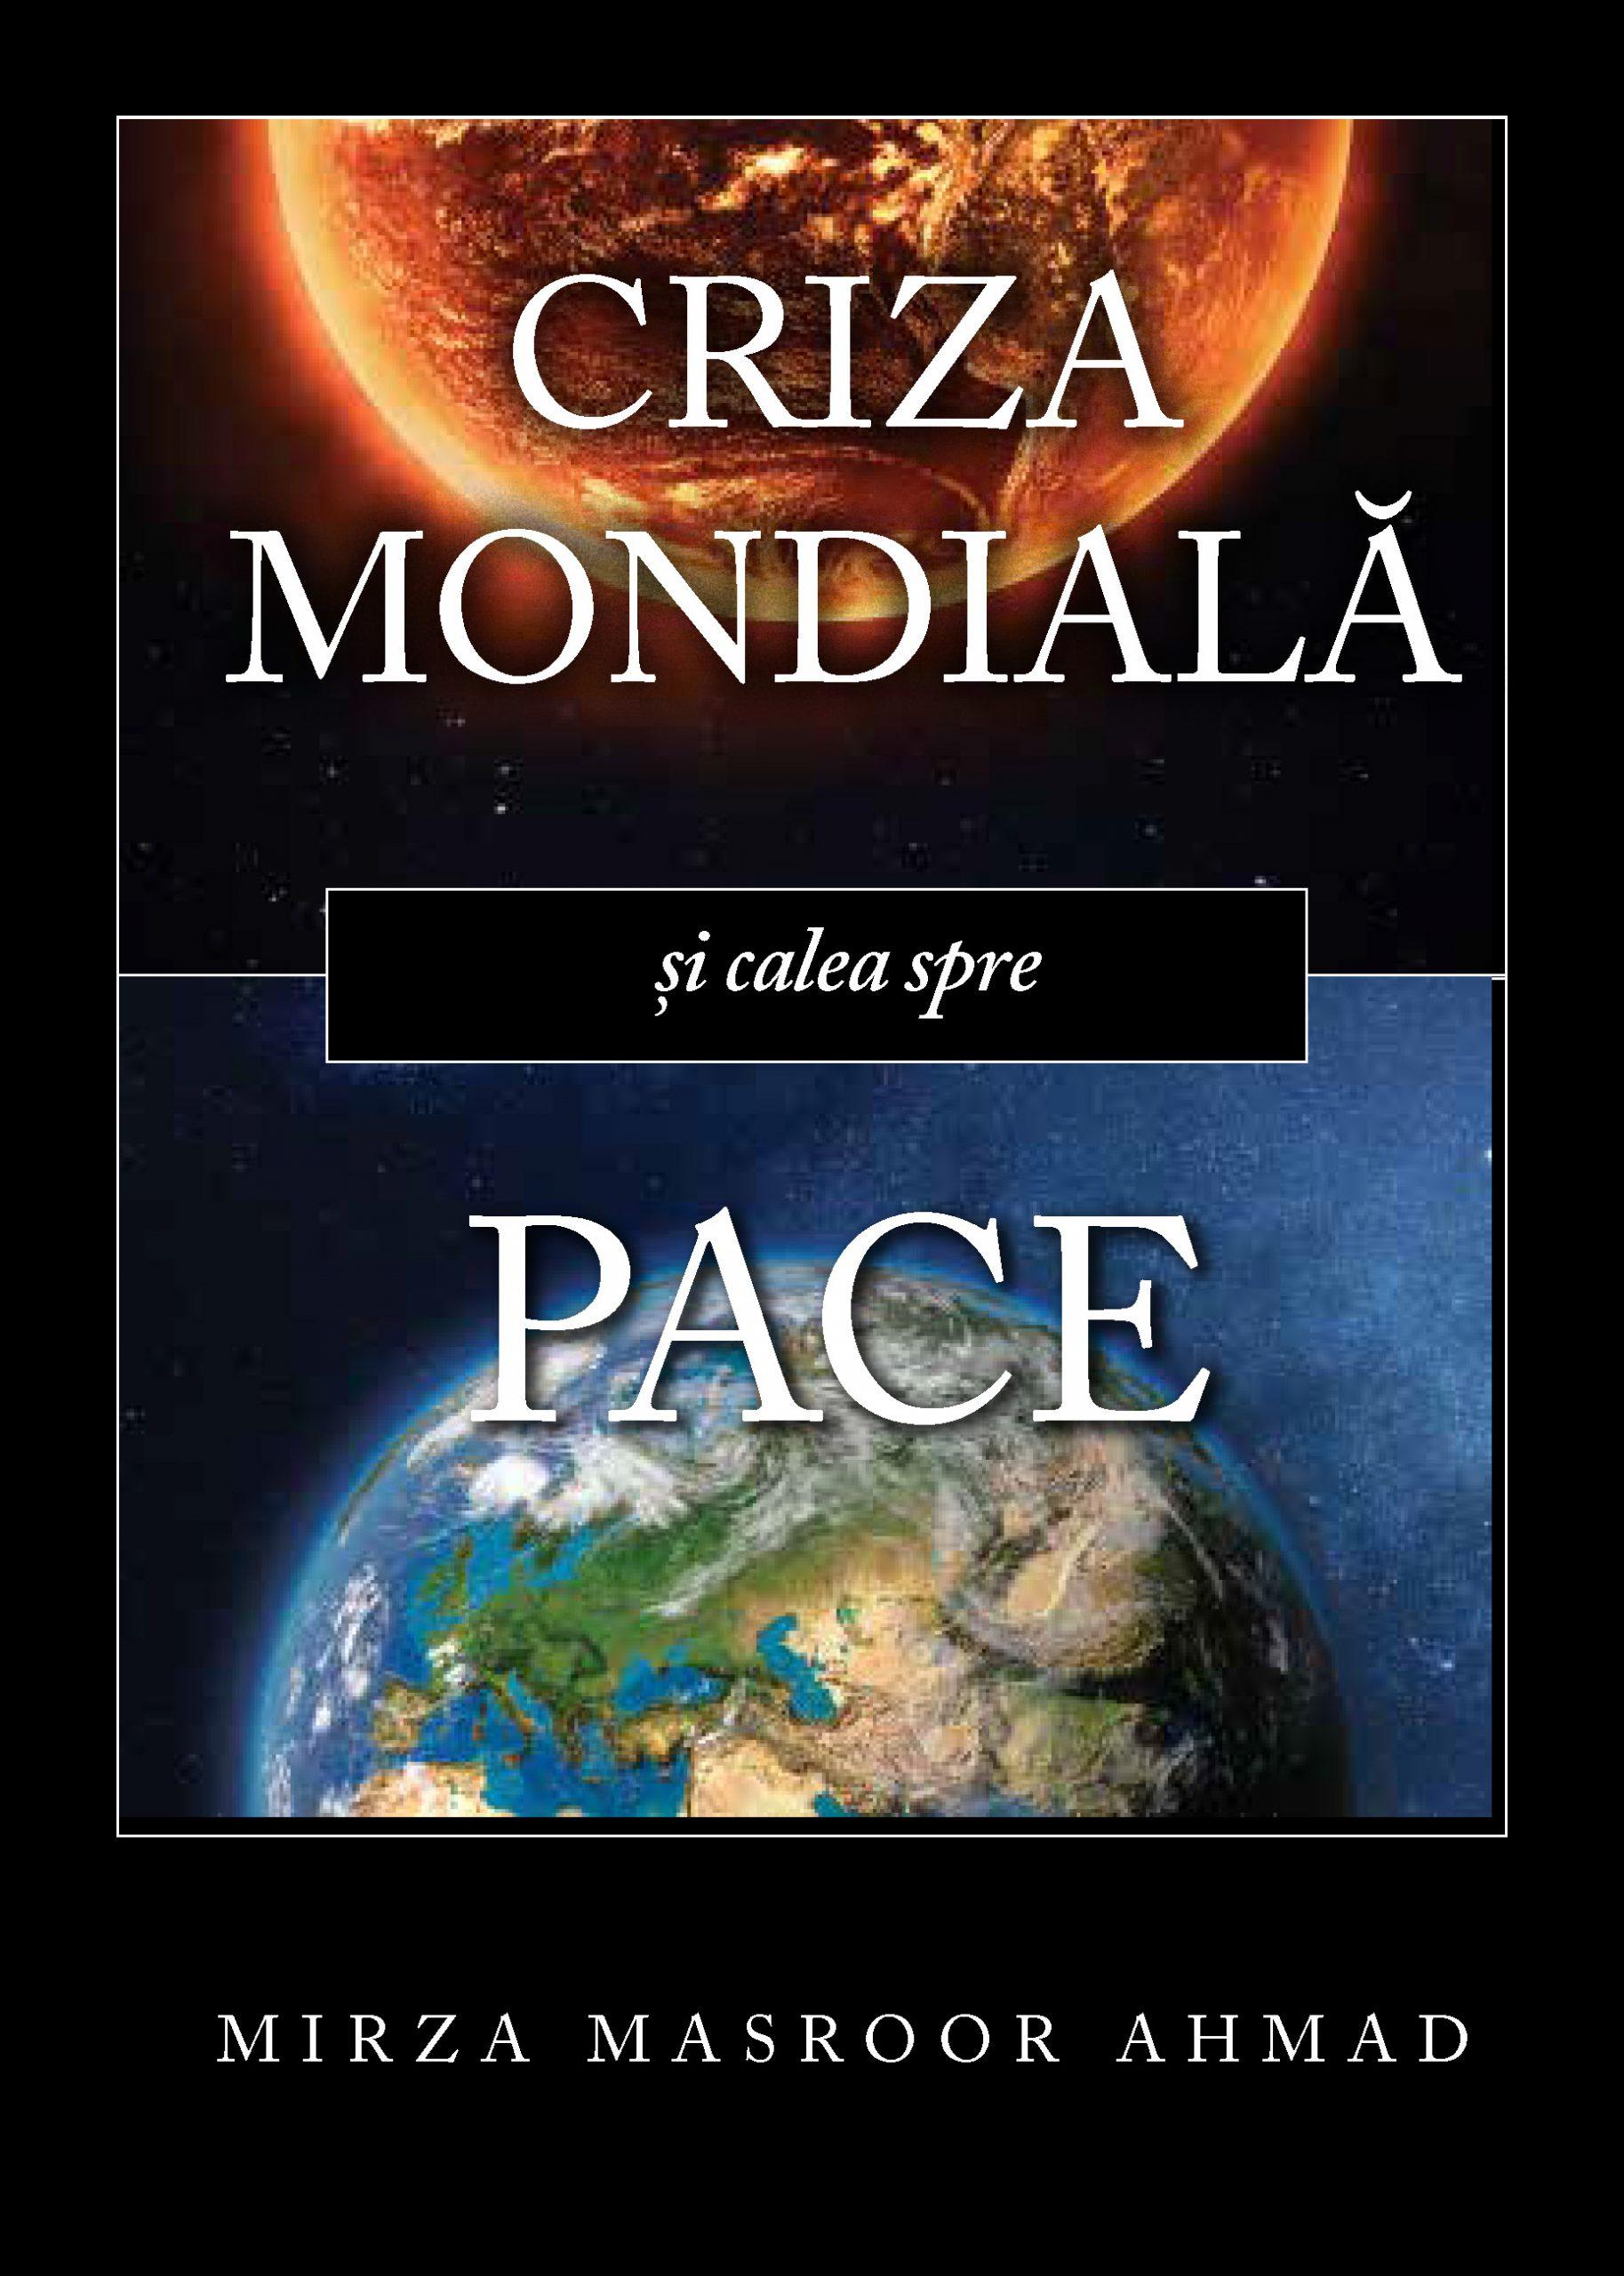 Criza mondiala si calea spre pace